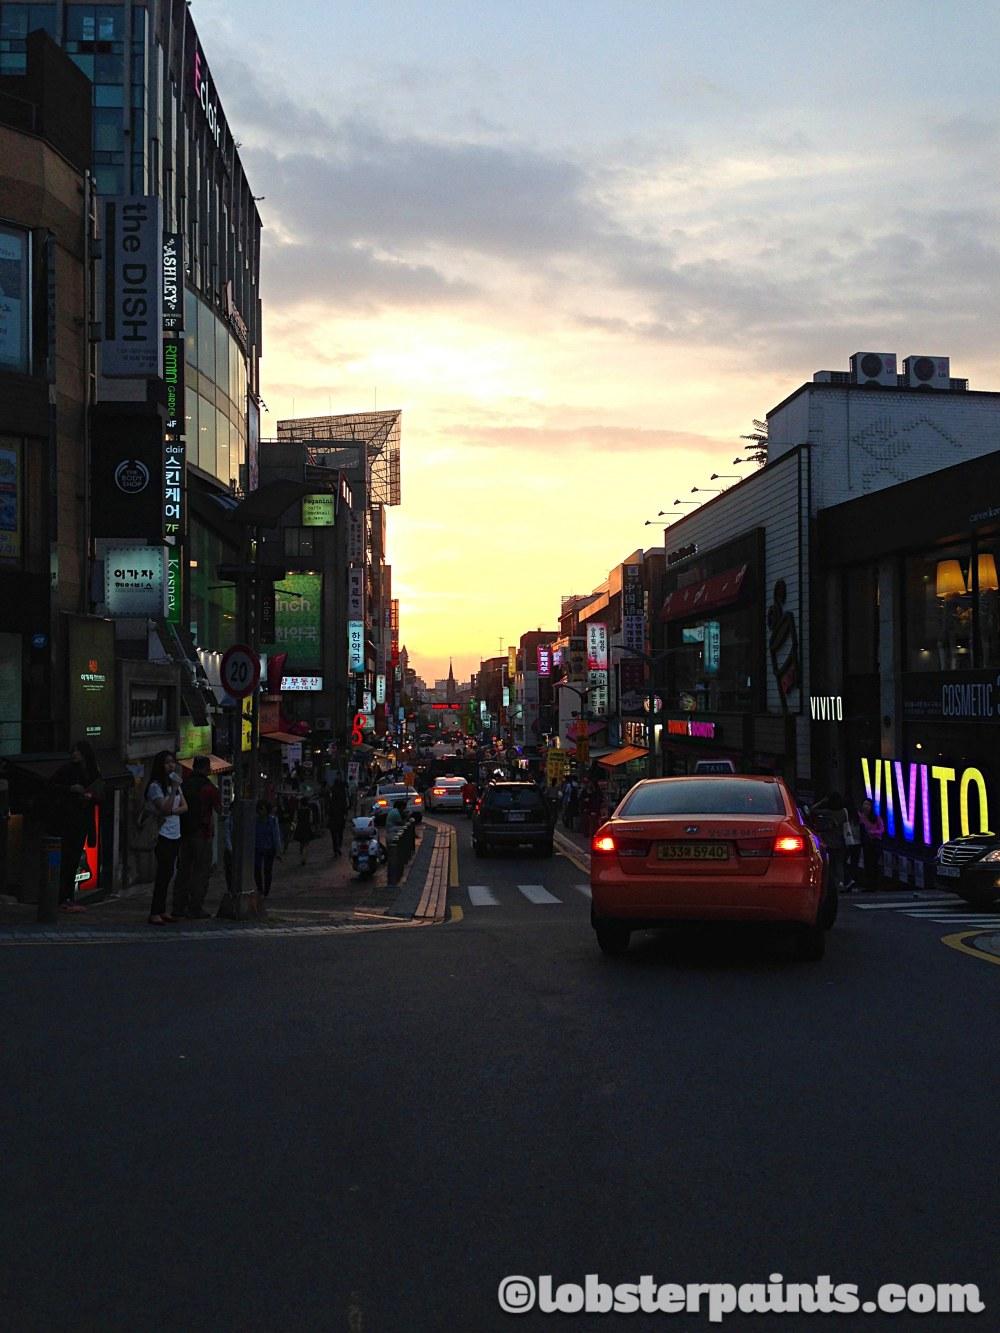 1 Oct 2014: Edae Shopping District | Seoul, South Korea